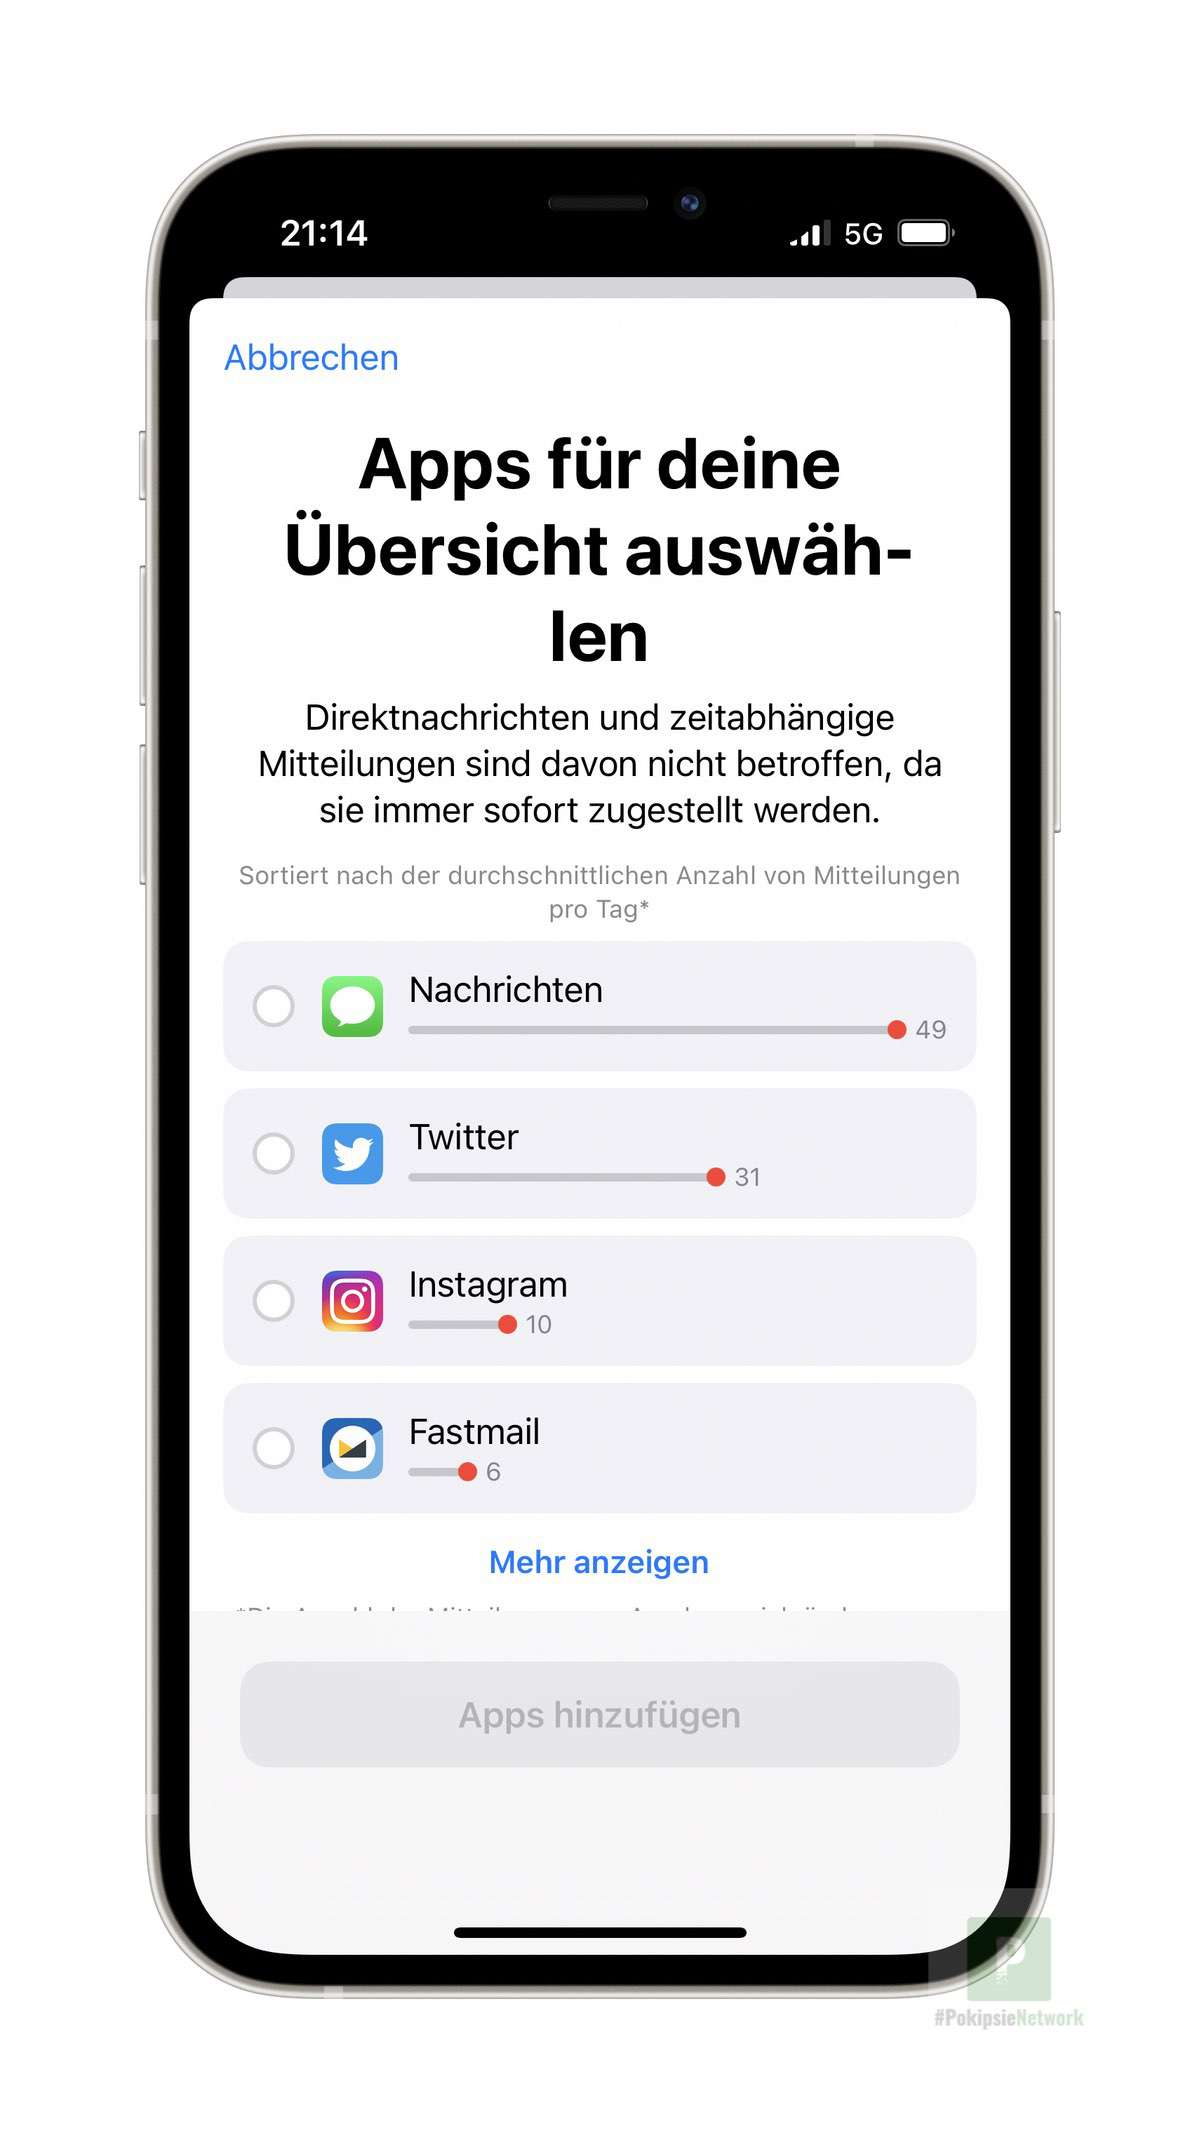 Apps auswählen